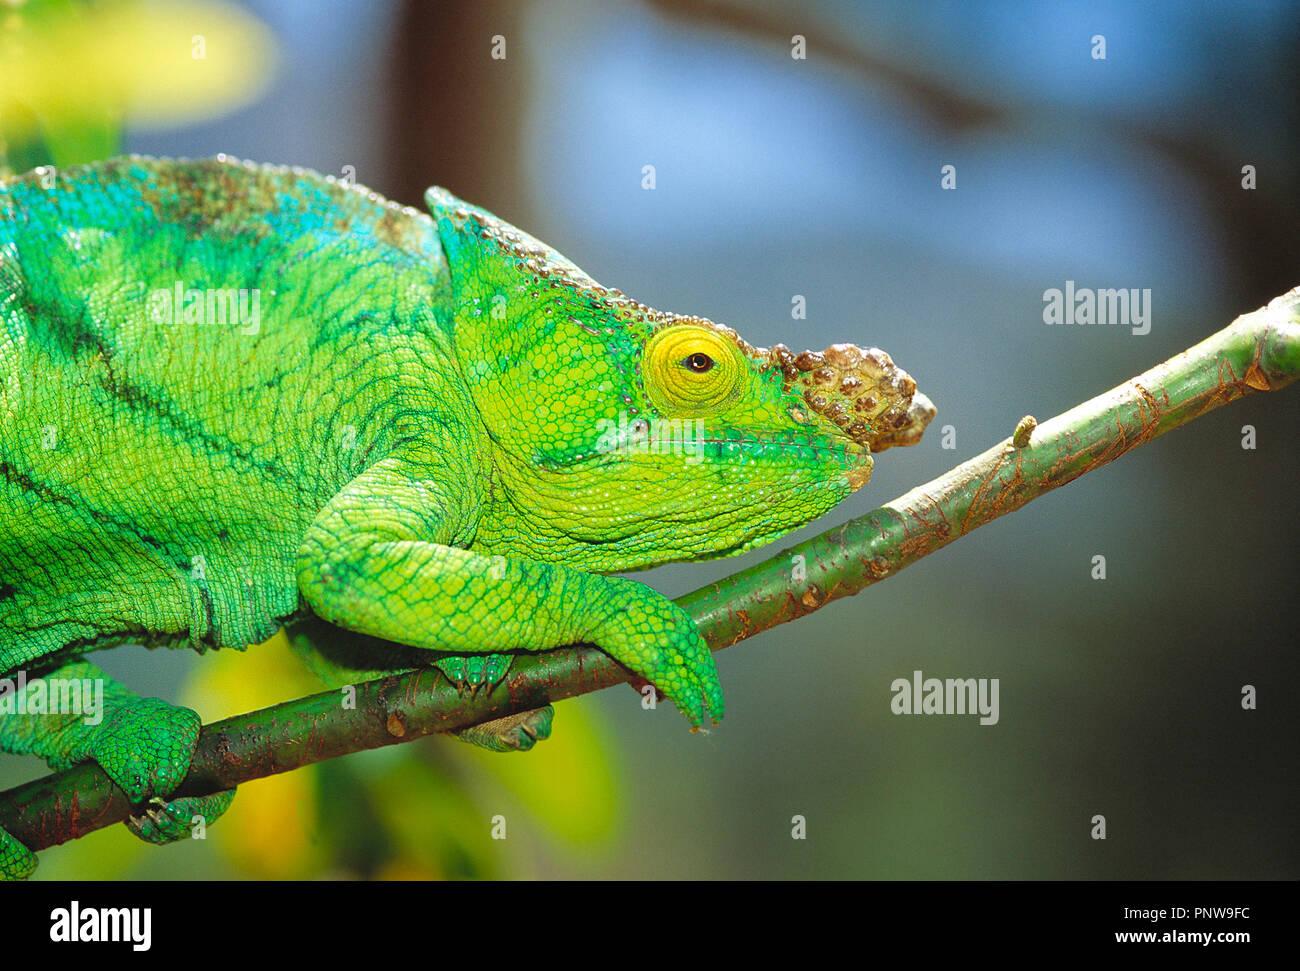 Madagaskar. Nahaufnahme der grünes Chamäleon auf Ast des Baumes. Stockbild